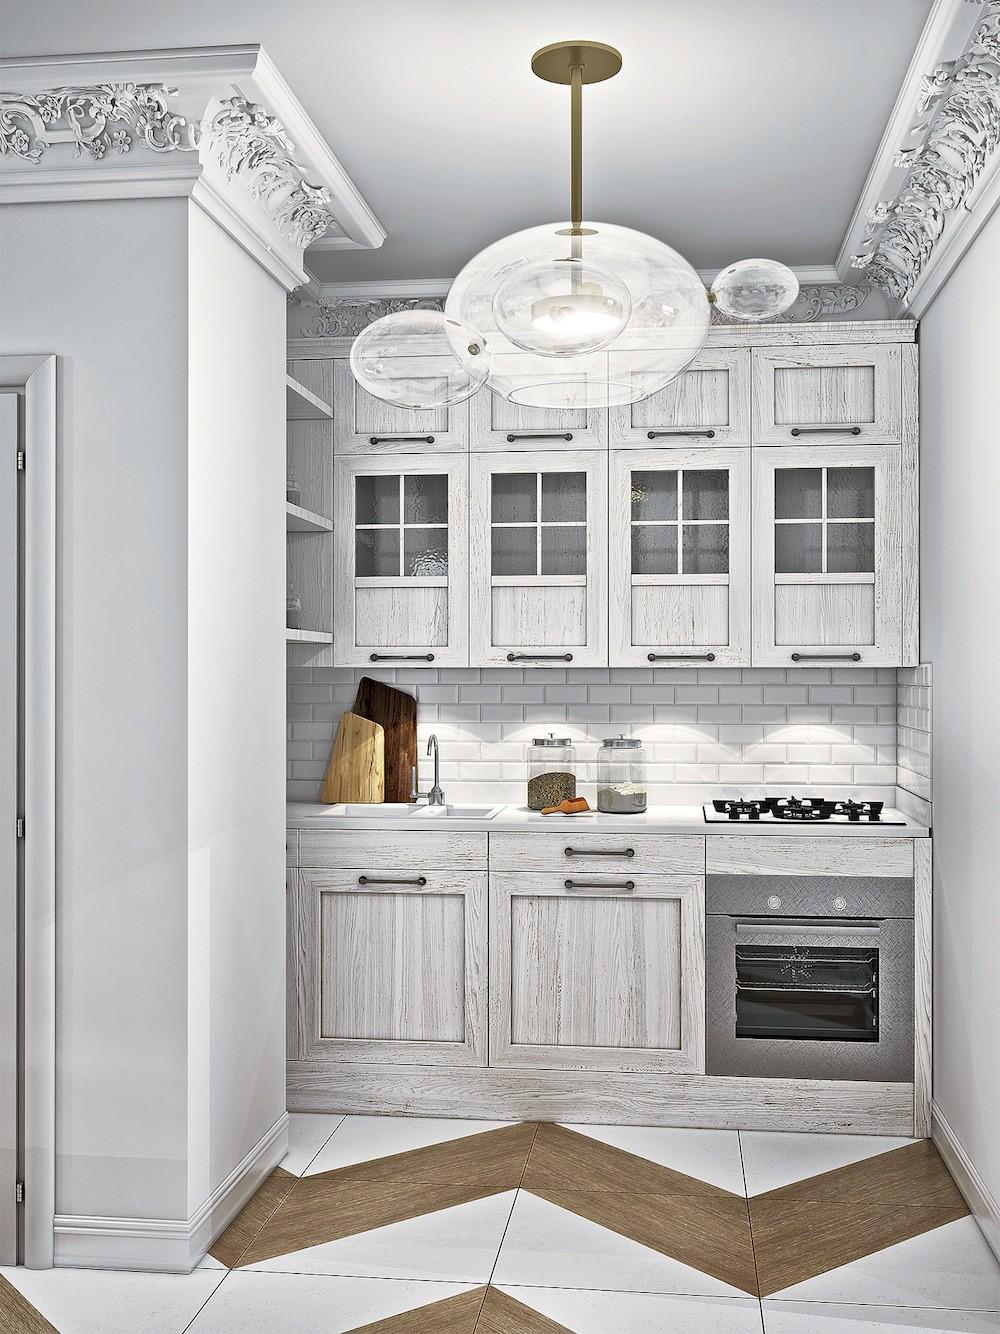 Прихожая, кухня, гостиная-столовая и холл образуют общественную зону, акцентированную с помощью единой отделки: узорного напольного покрытия, штукатурки на стенах, а также декора. Семейну...